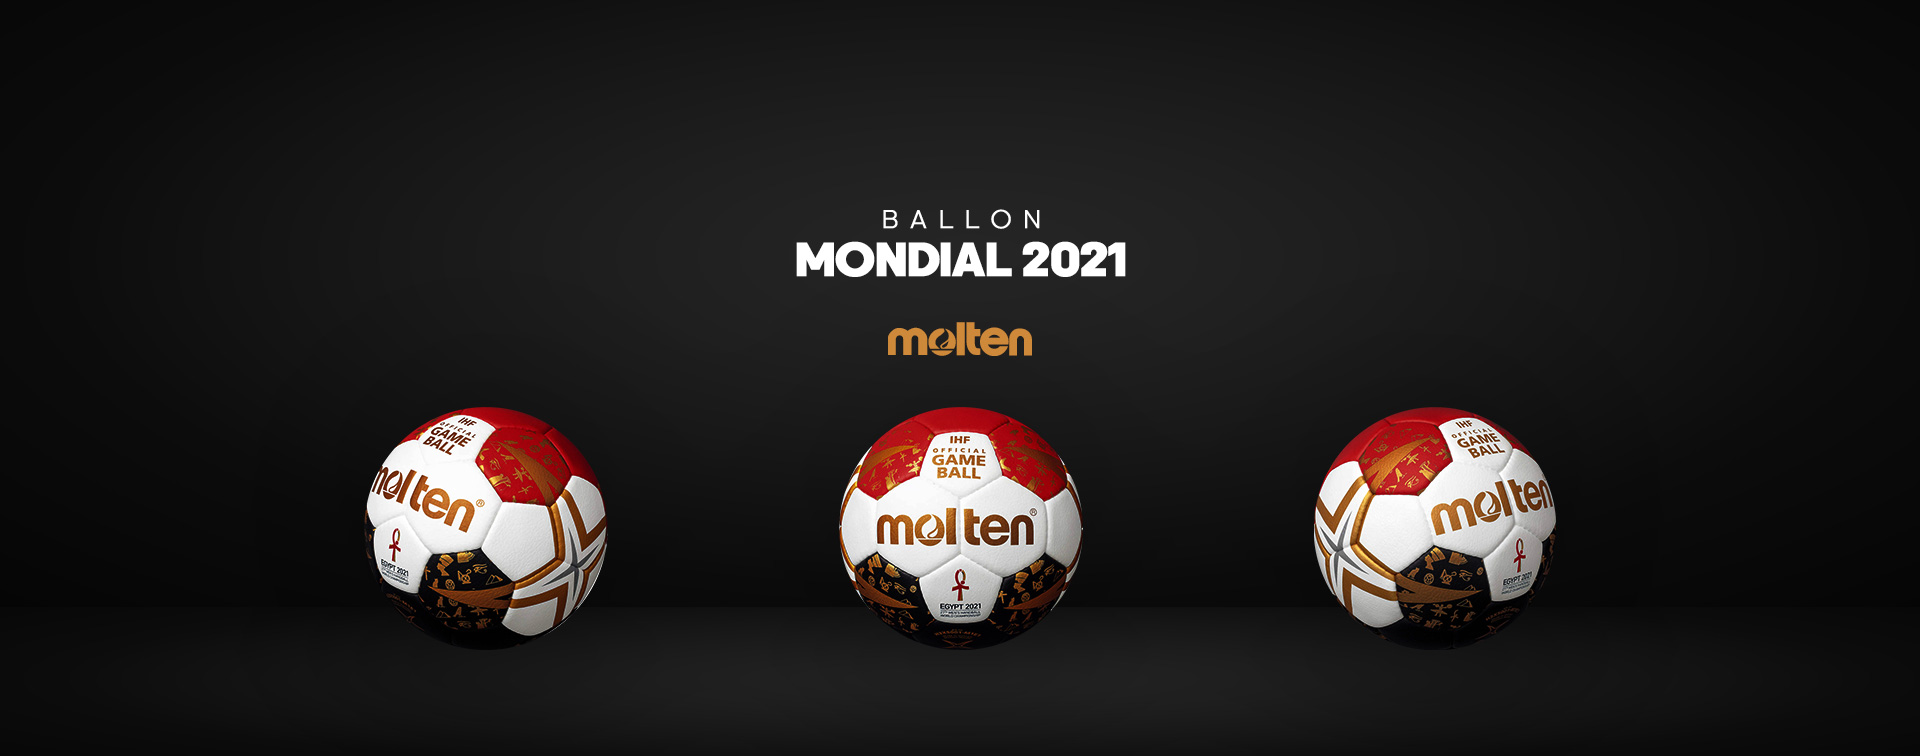 Ballon Molten mondial 2021 IHF